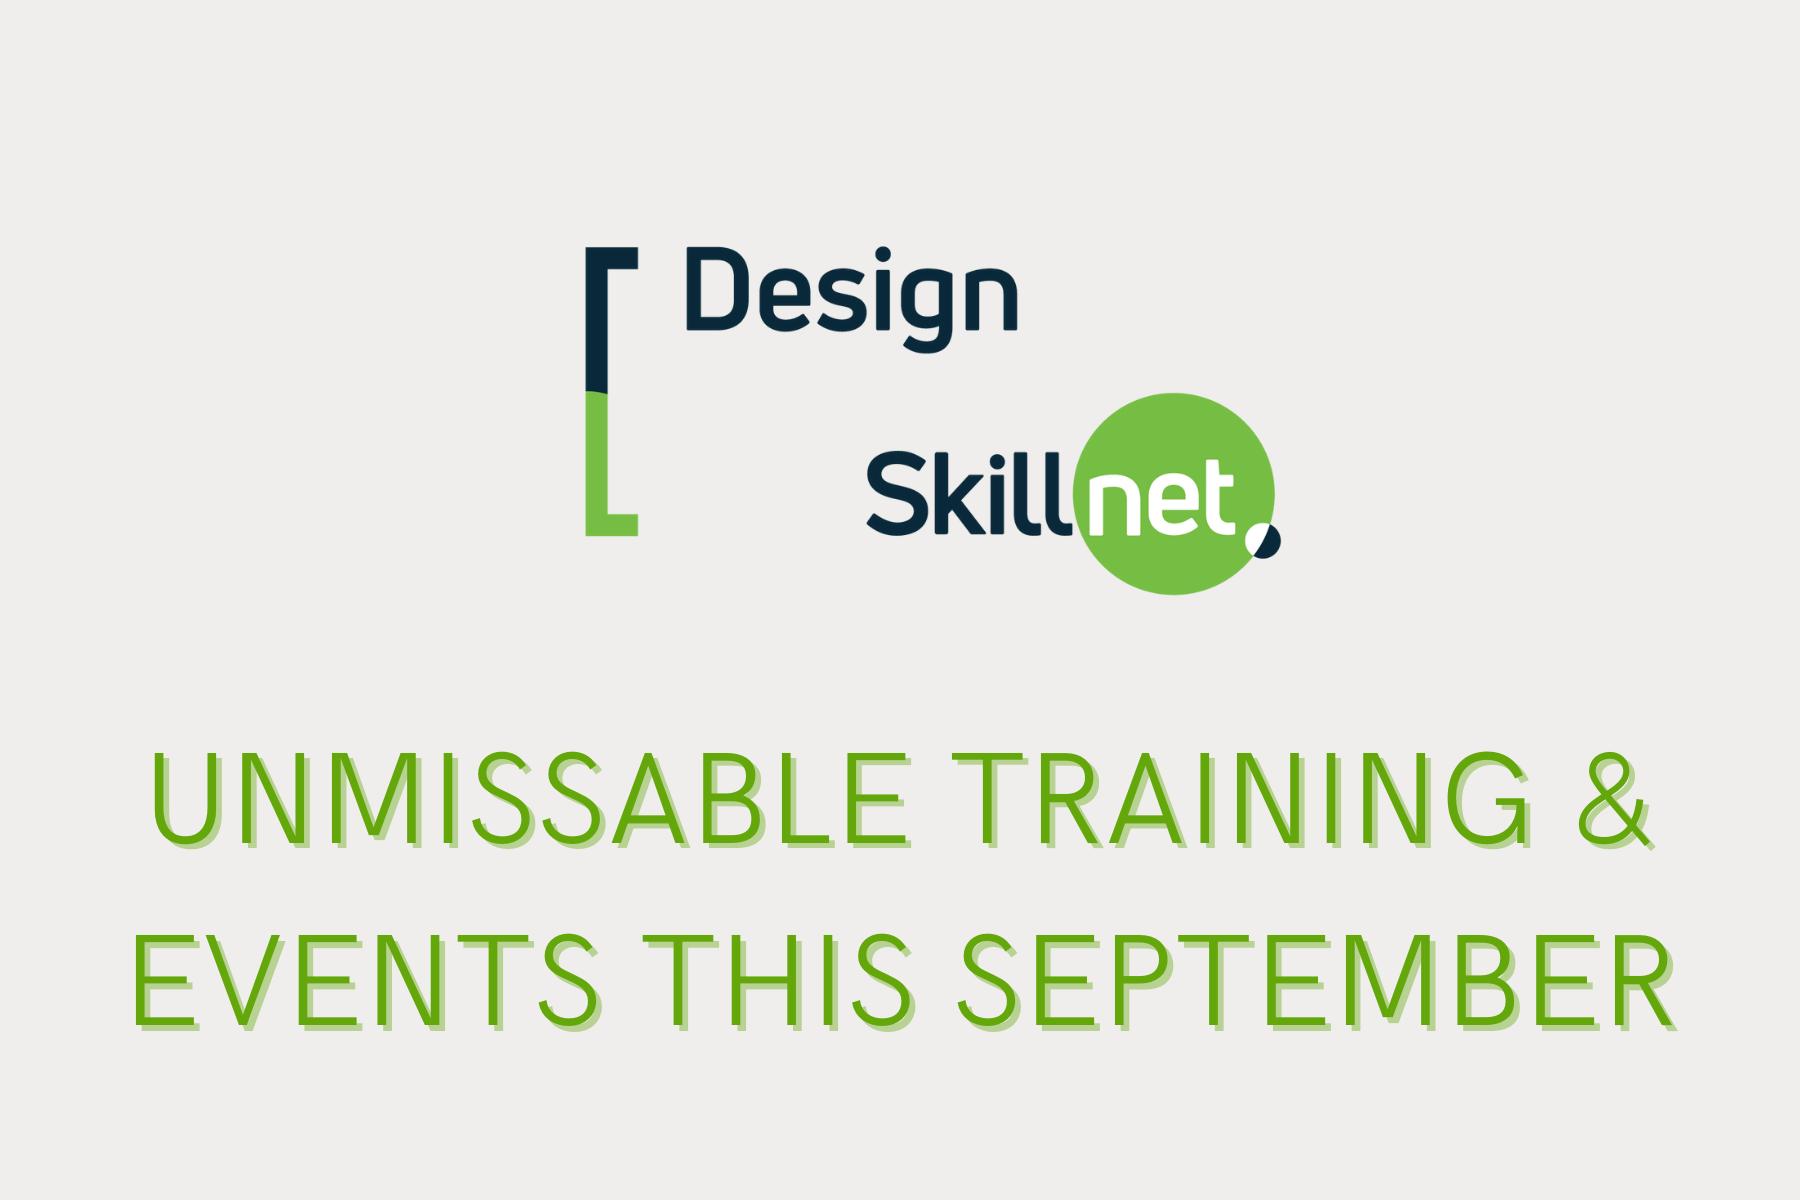 Cover image: September Training from Design Skillnet